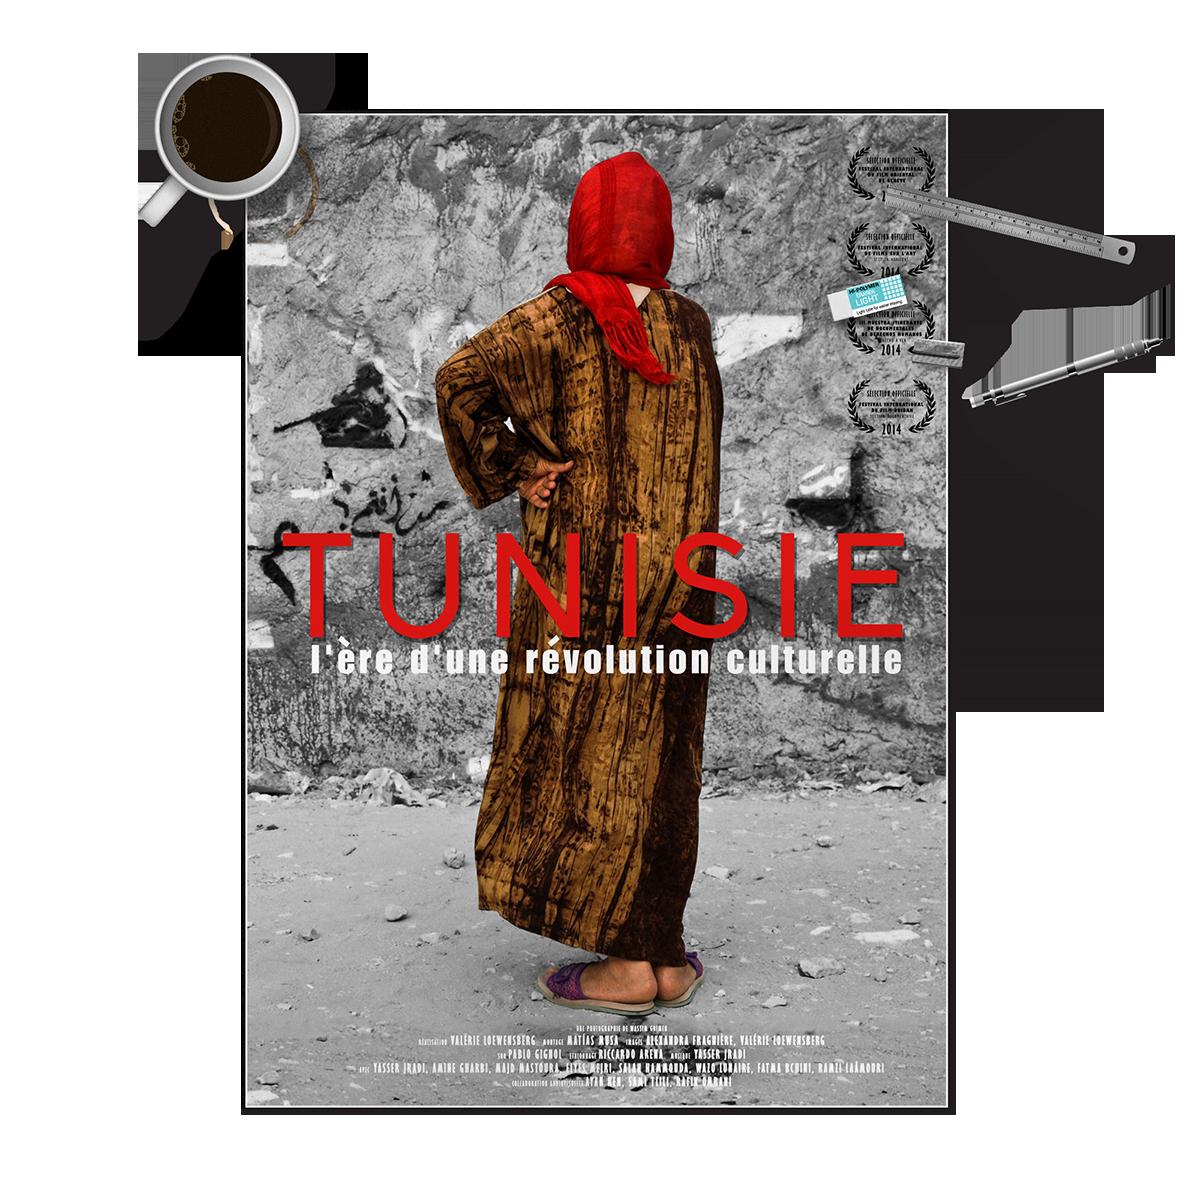 Affiche, Tunisie, l'ère d'une révolution culturelle, Valérie Loewensberg, sebastian espinosa multimedia